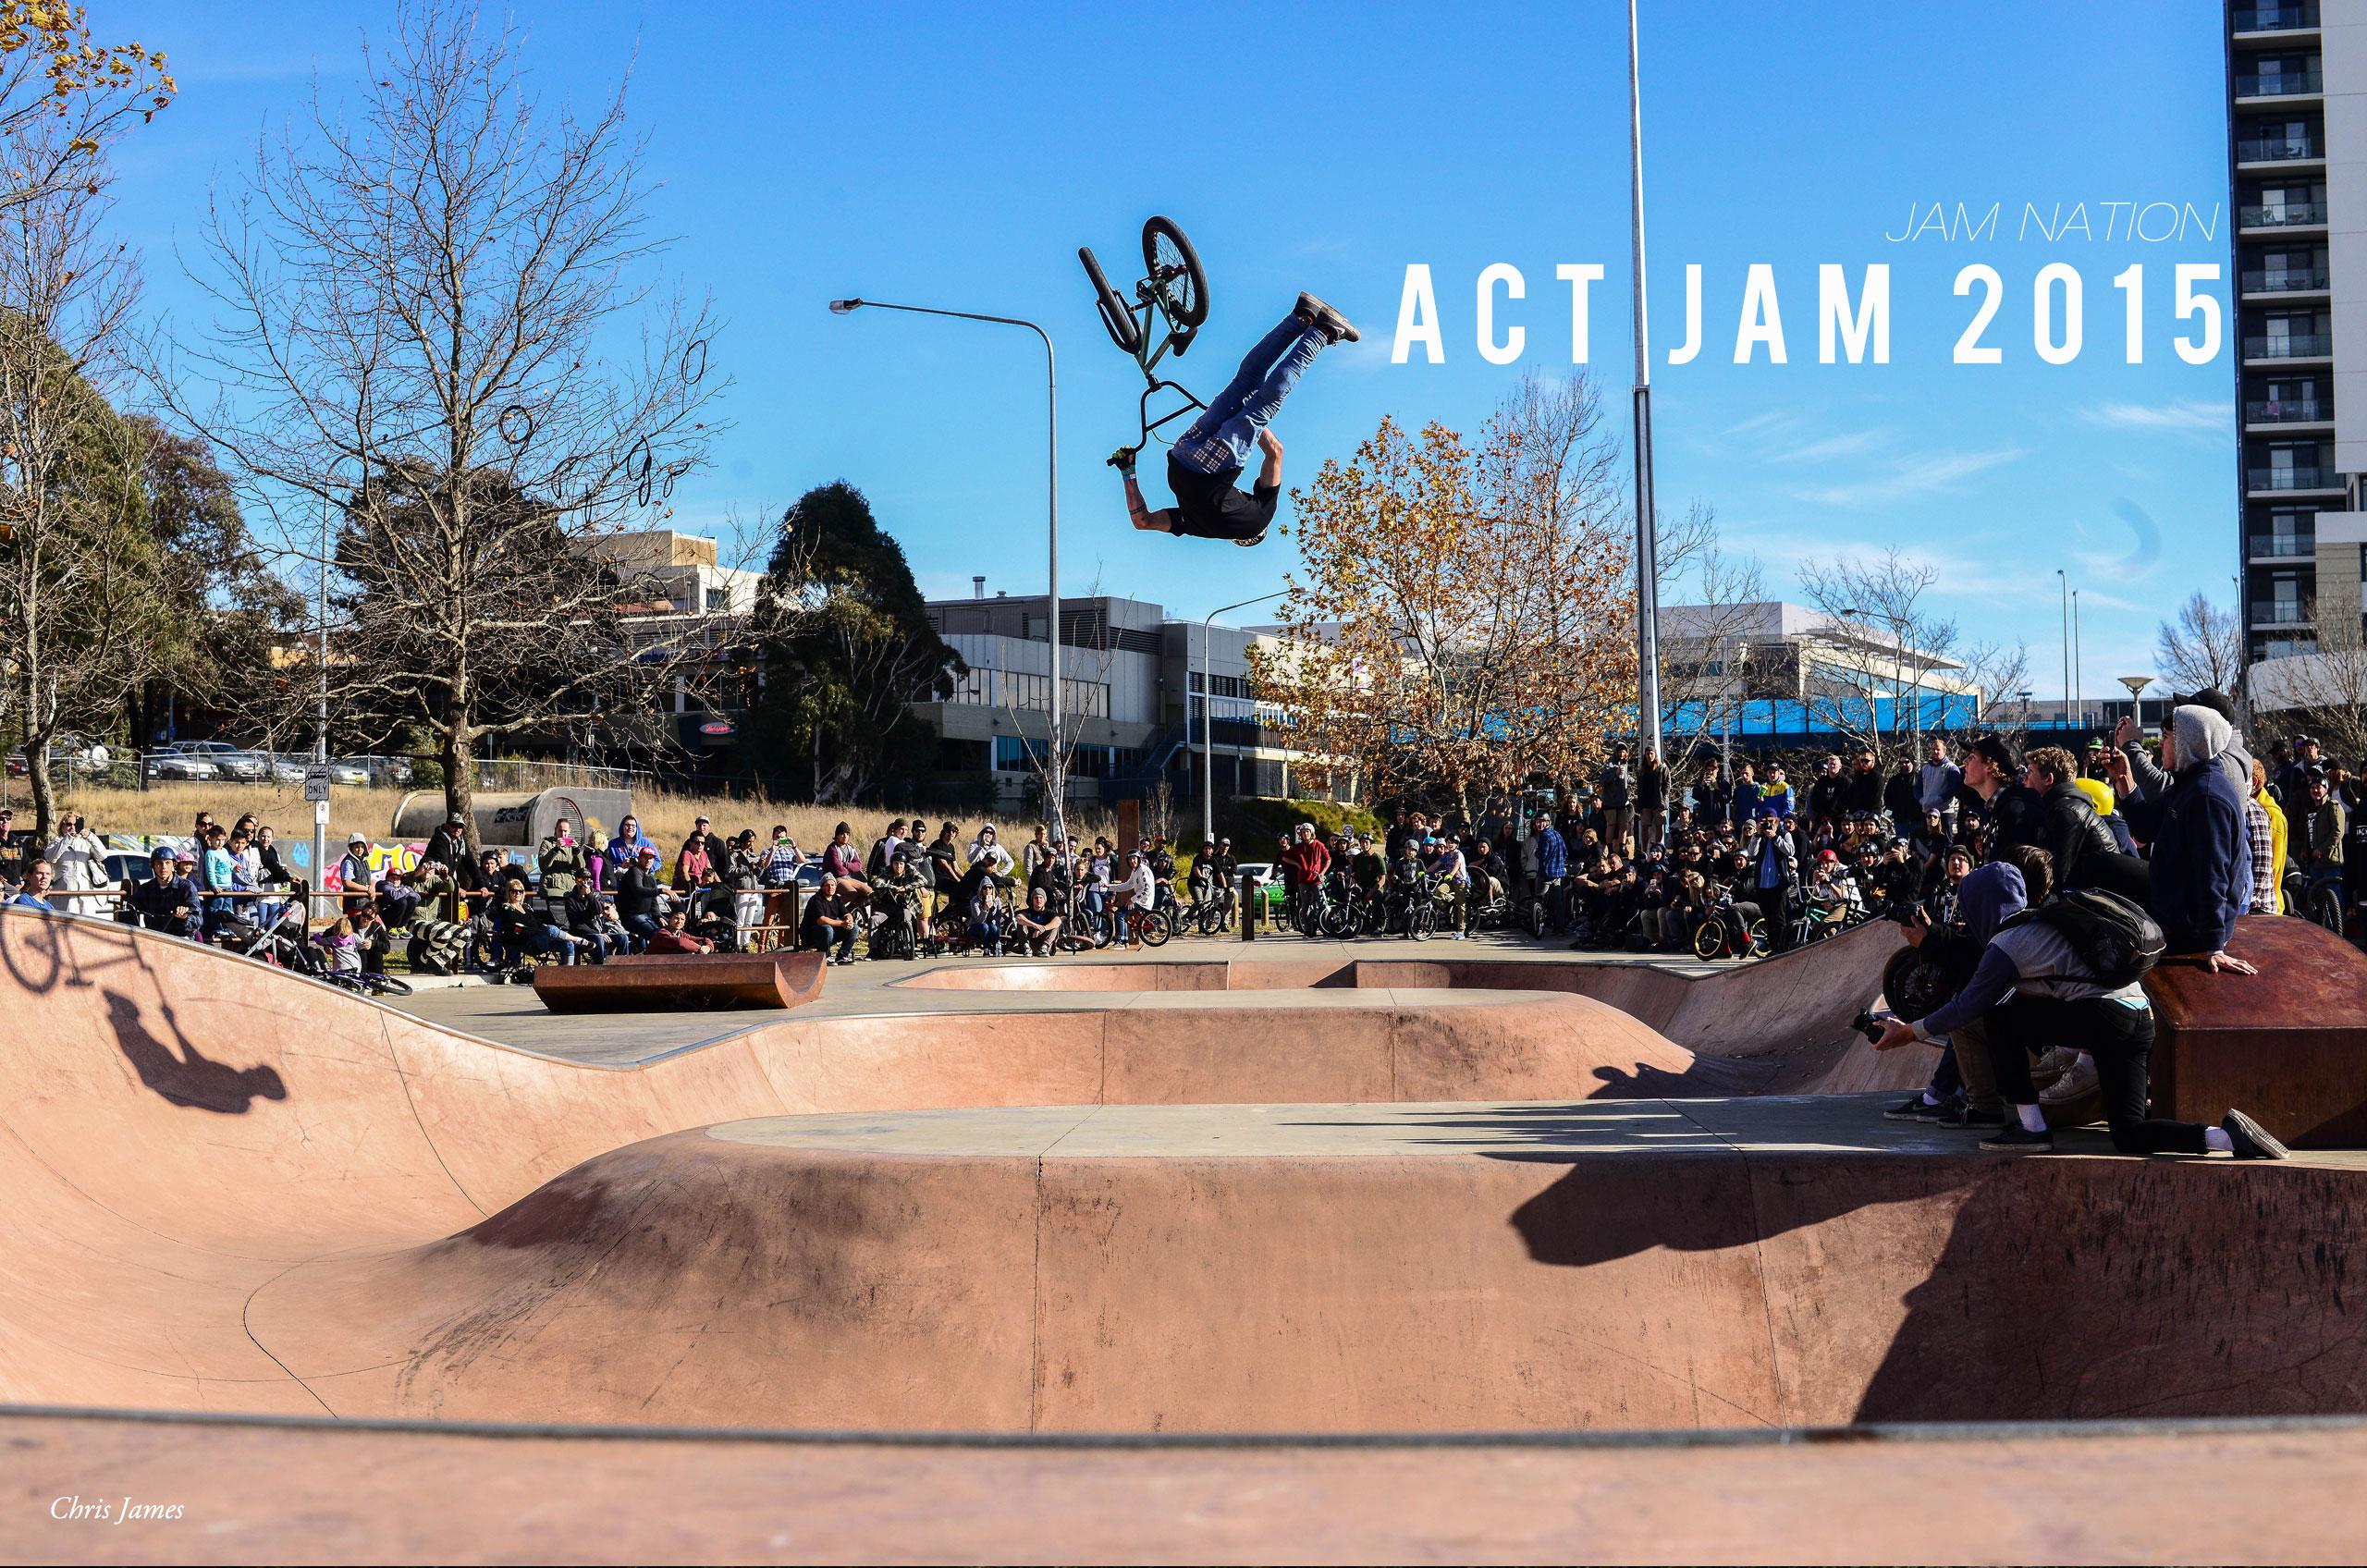 Jam Nation – ACT Jam 2015